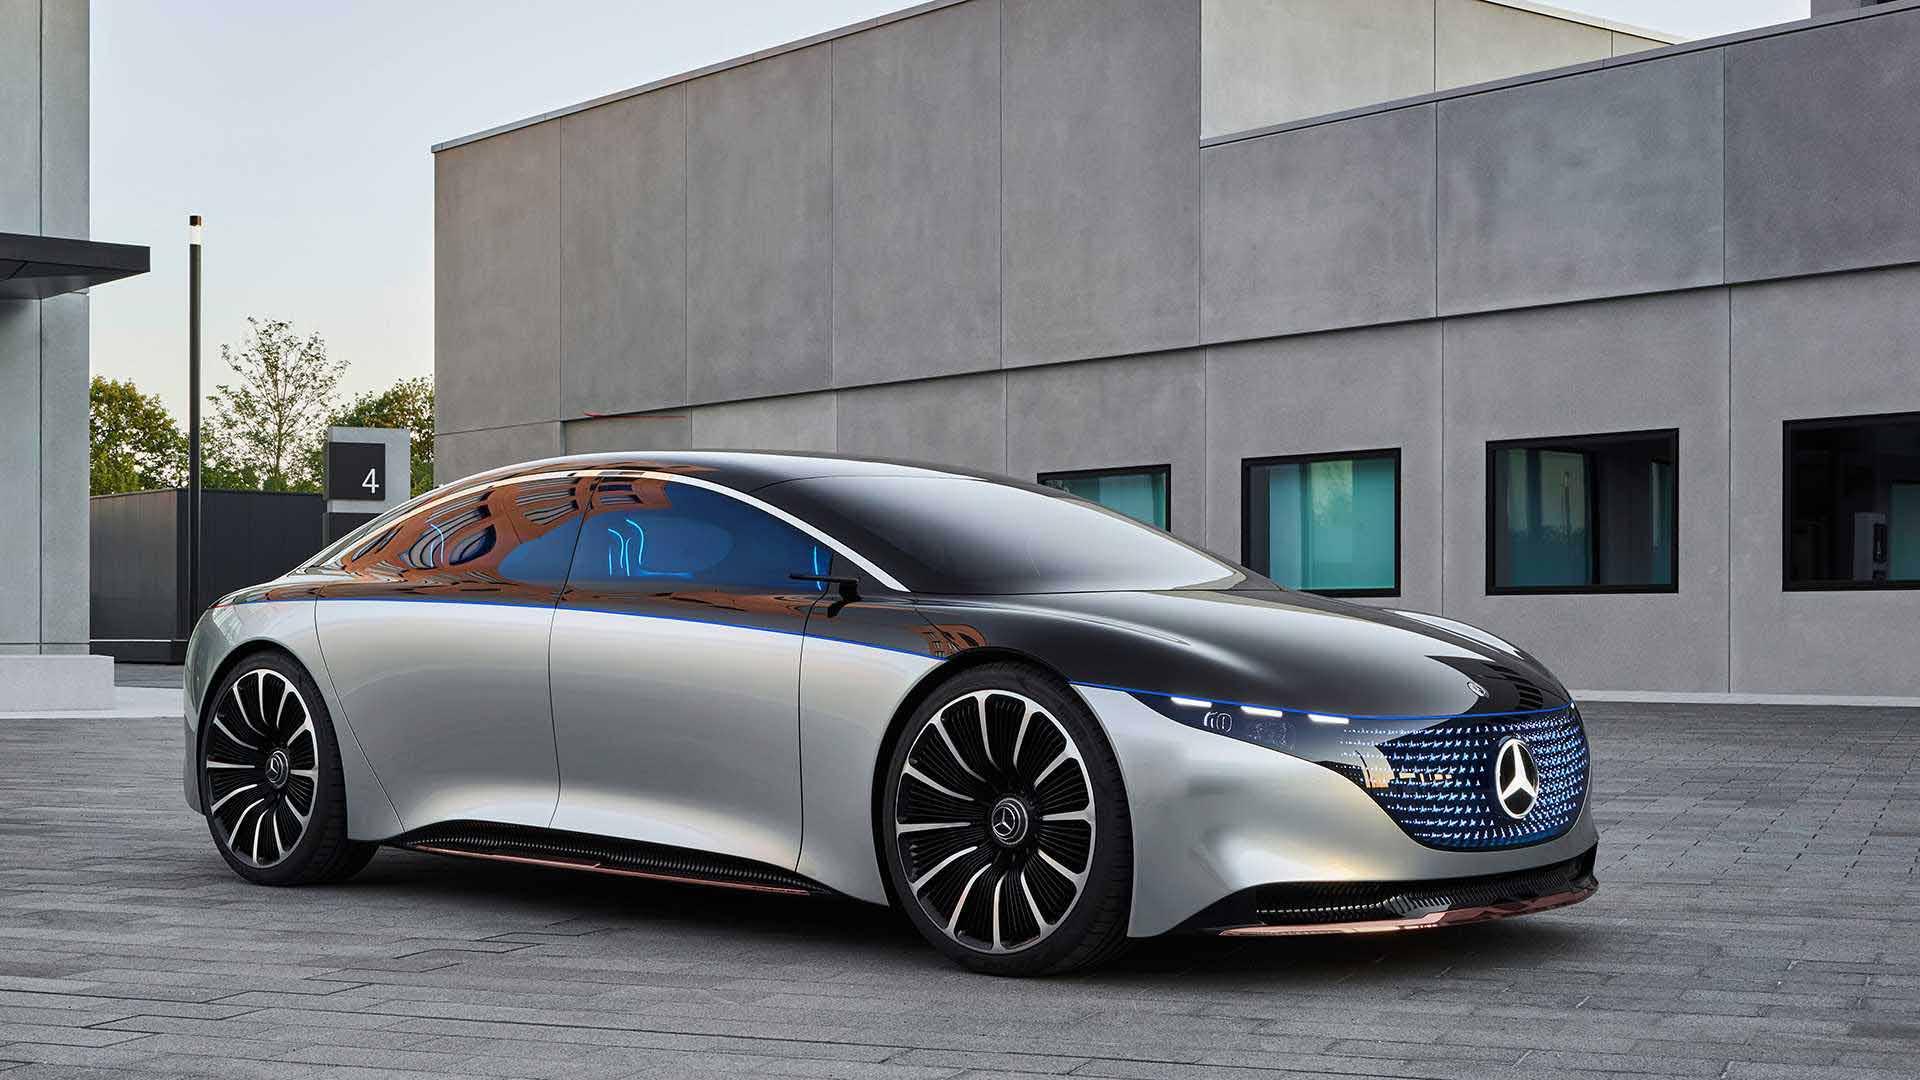 مرسدس بنز خودرویی از آینده